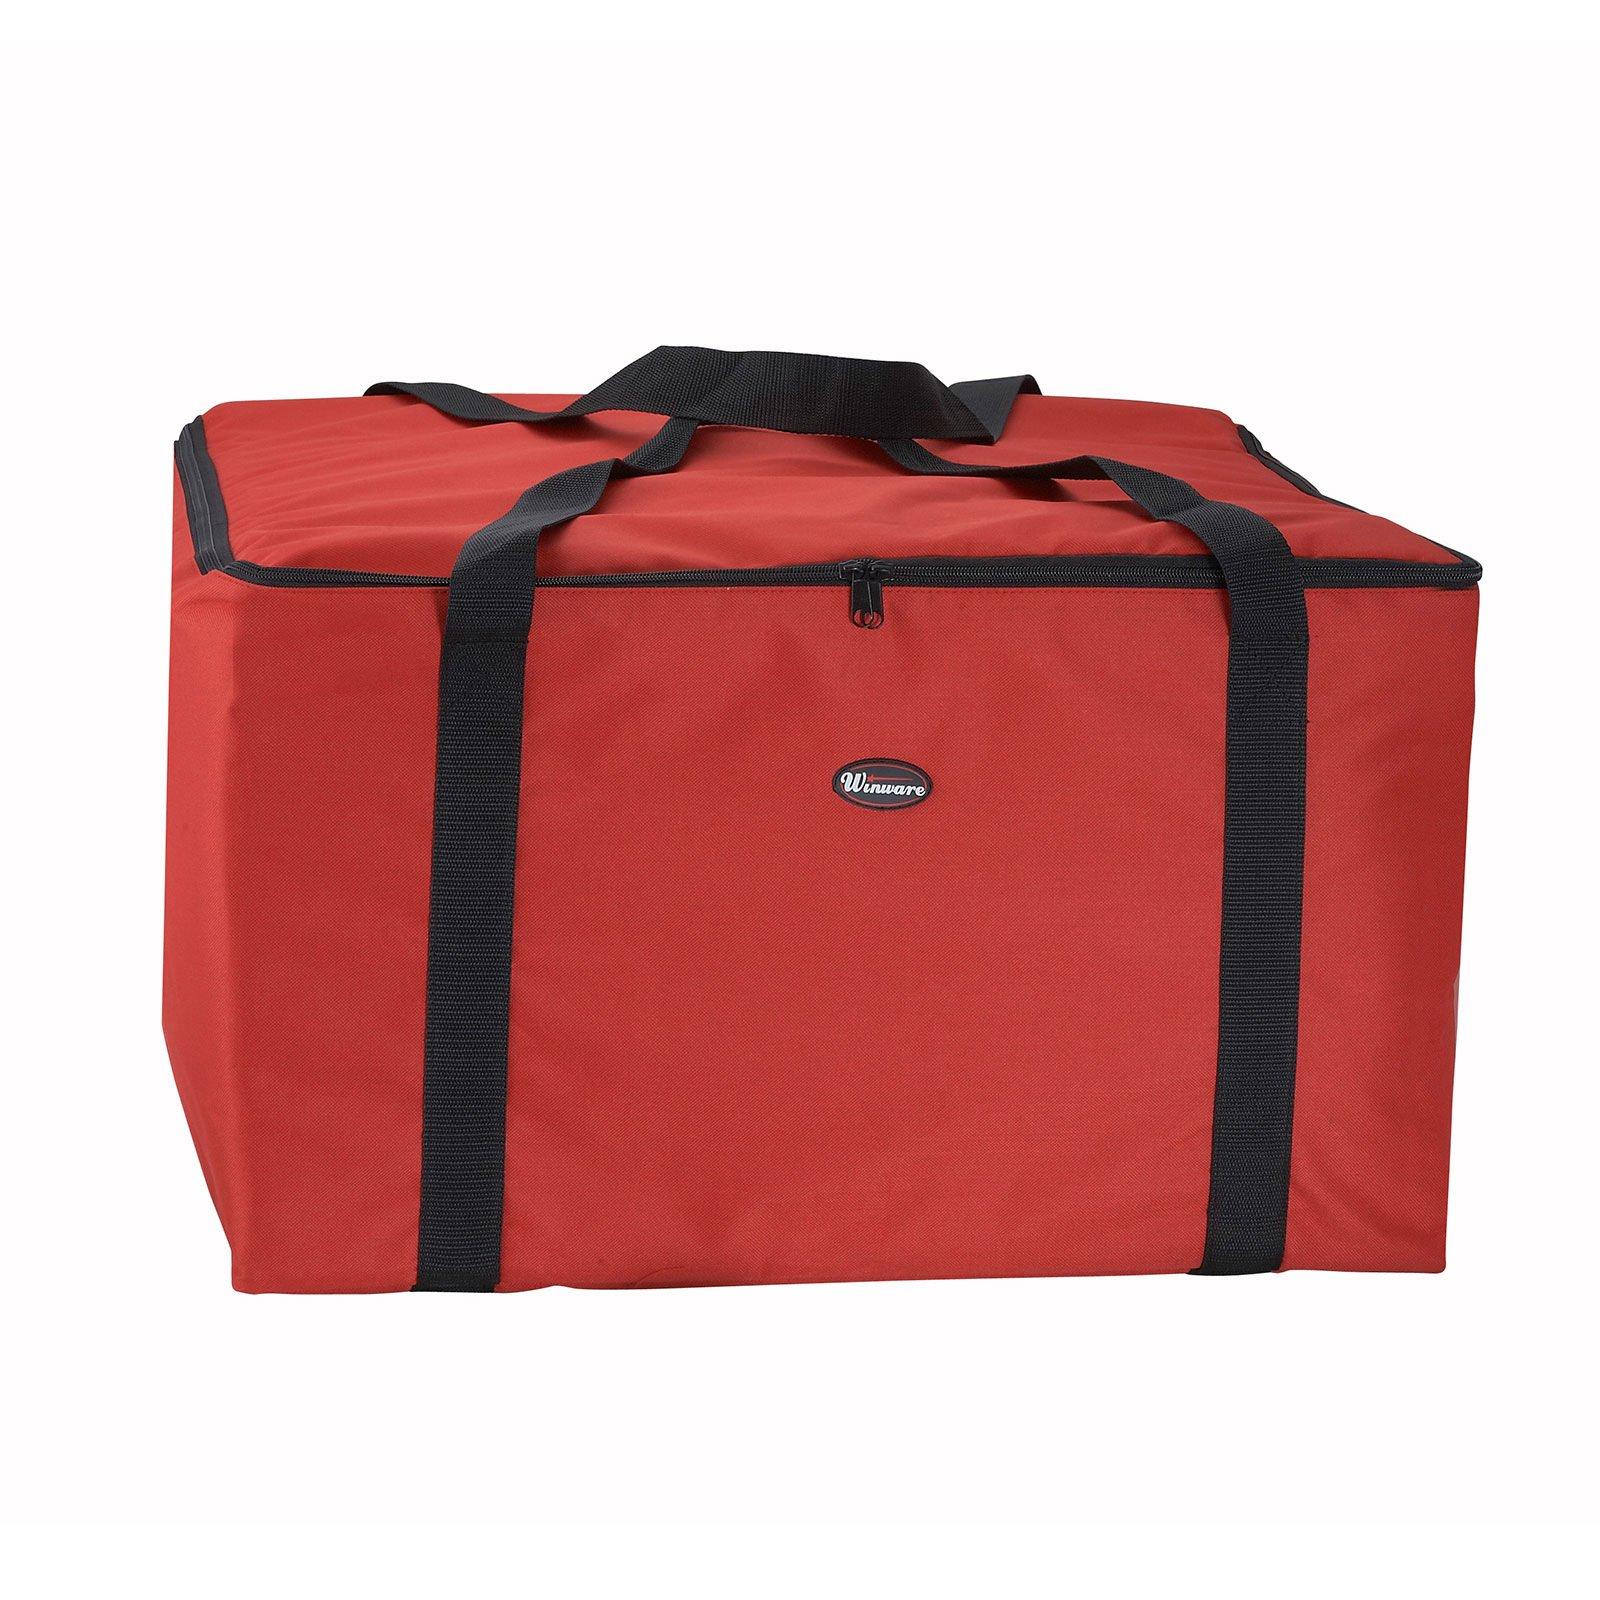 Winco BGDV-22 Pizza Delivery Bag 22'' x 22'' x 13'' - Case of 6